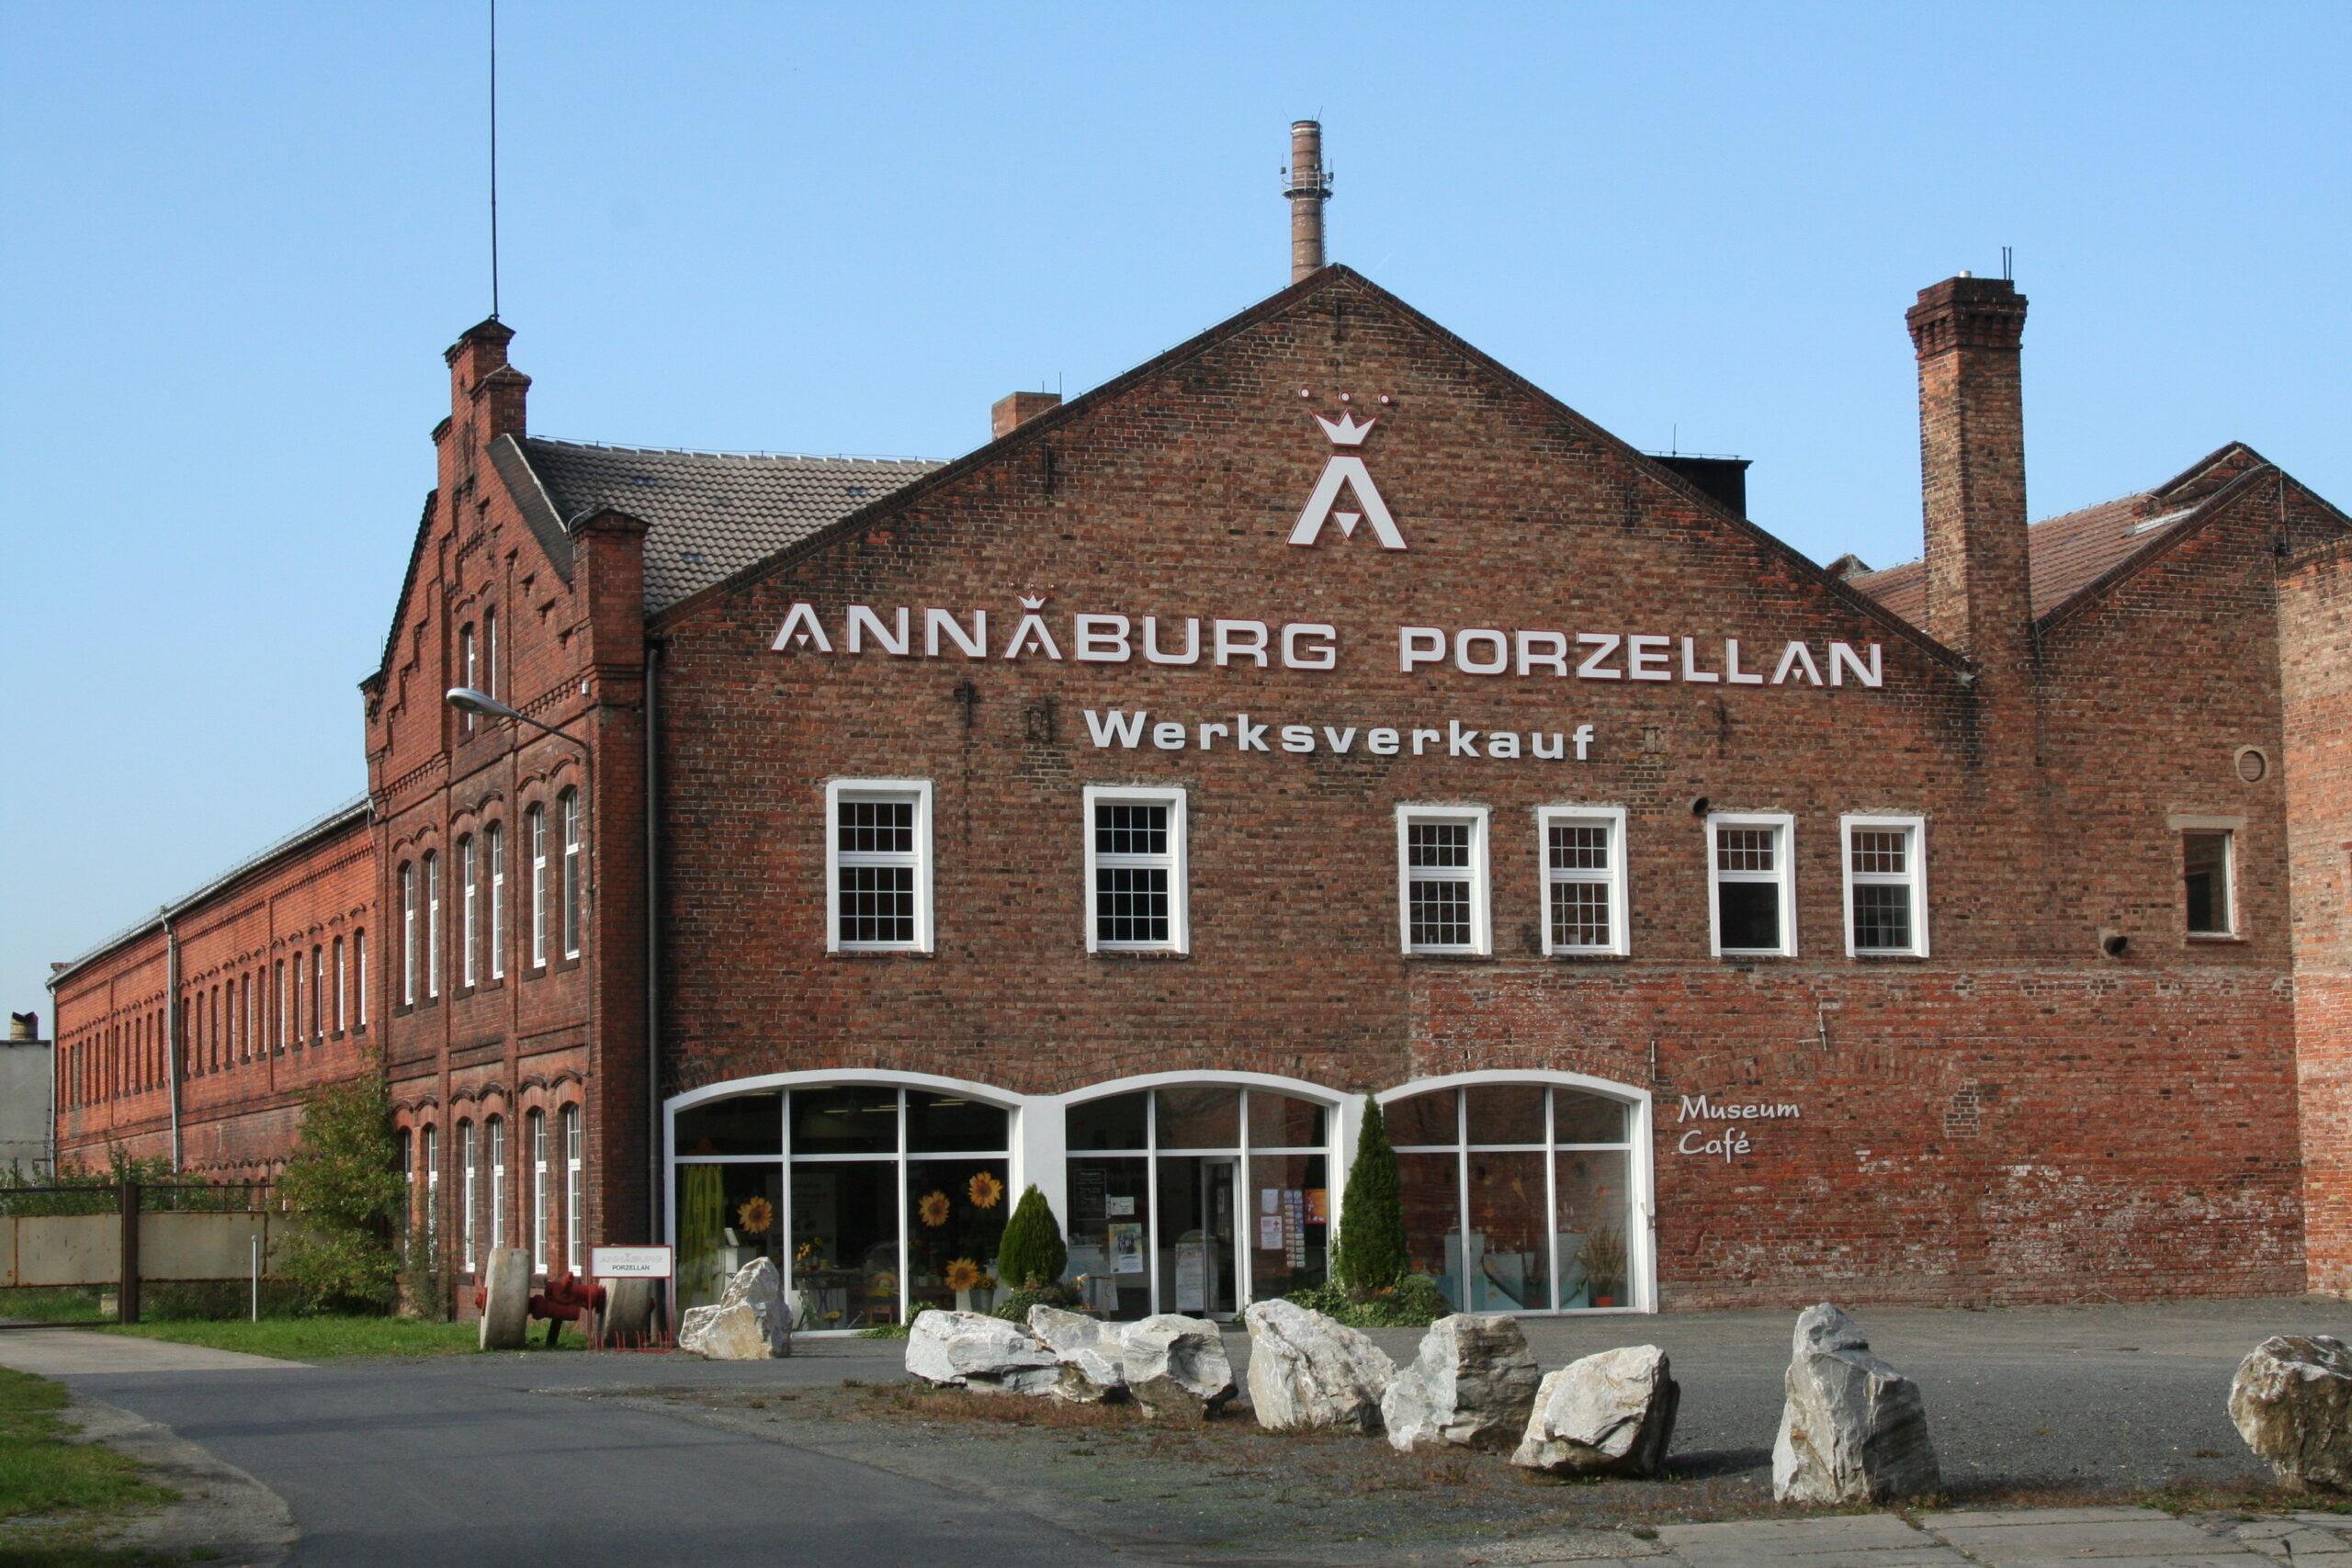 Eingangsansicht des Porzellaneum in Annaburg